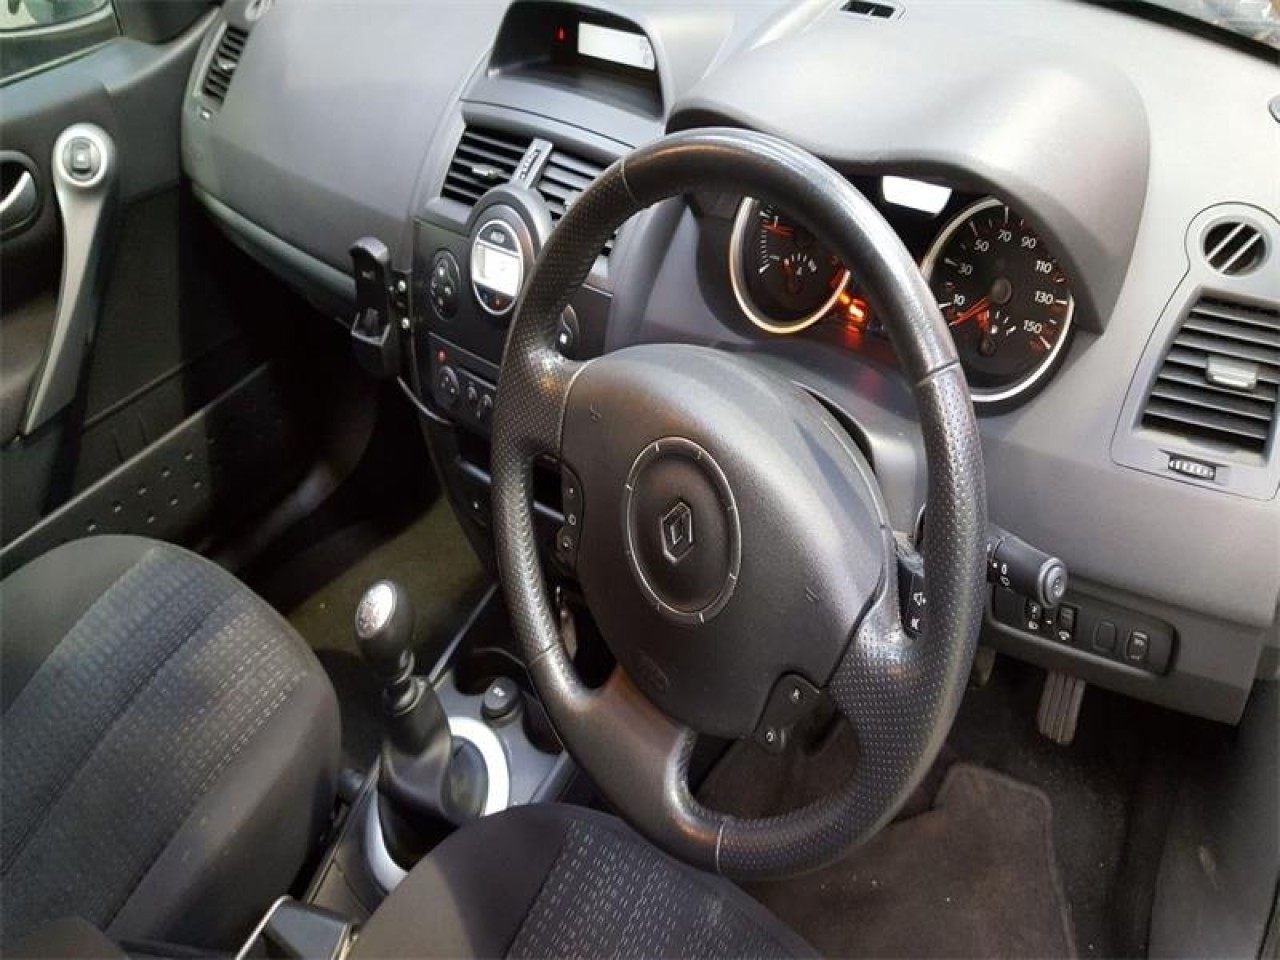 Pompa servodirectie Renault Megane 2008 Hatchback 1.9 dCi